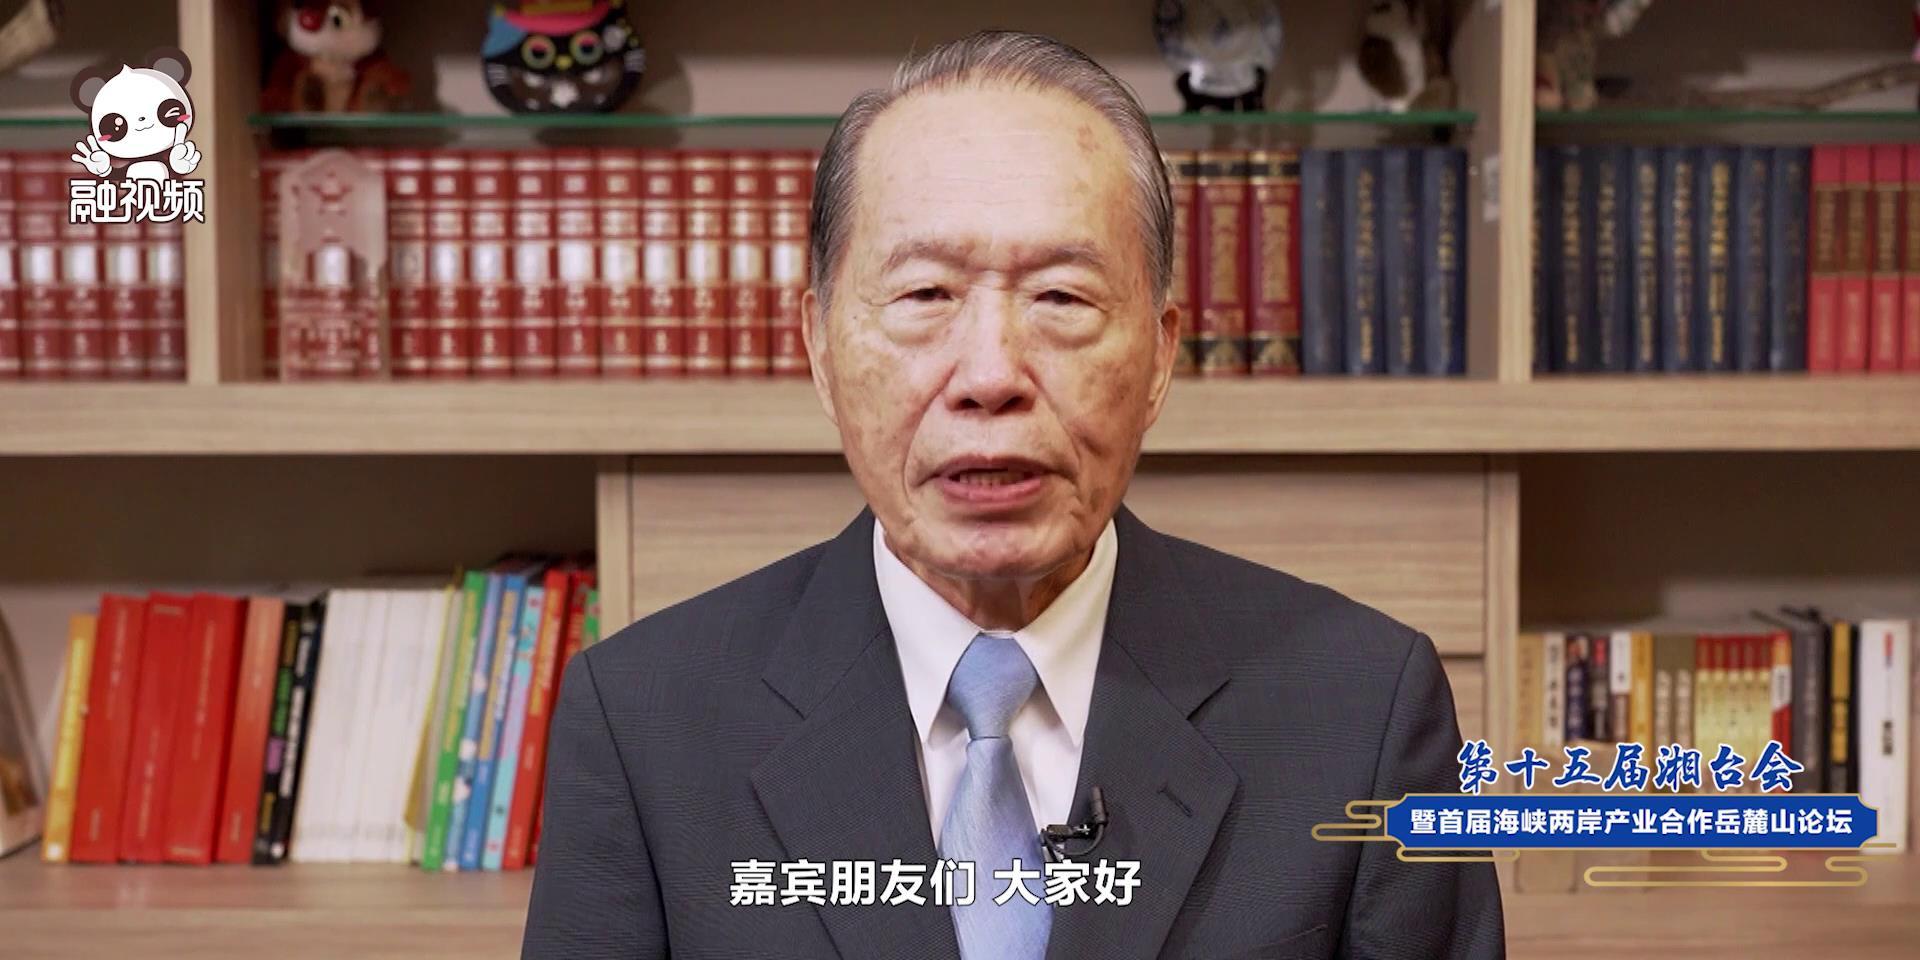 中国国民党前副主席陈镇湘:我不光是踏踏实实的台湾人,更是堂堂正正的中国人图片